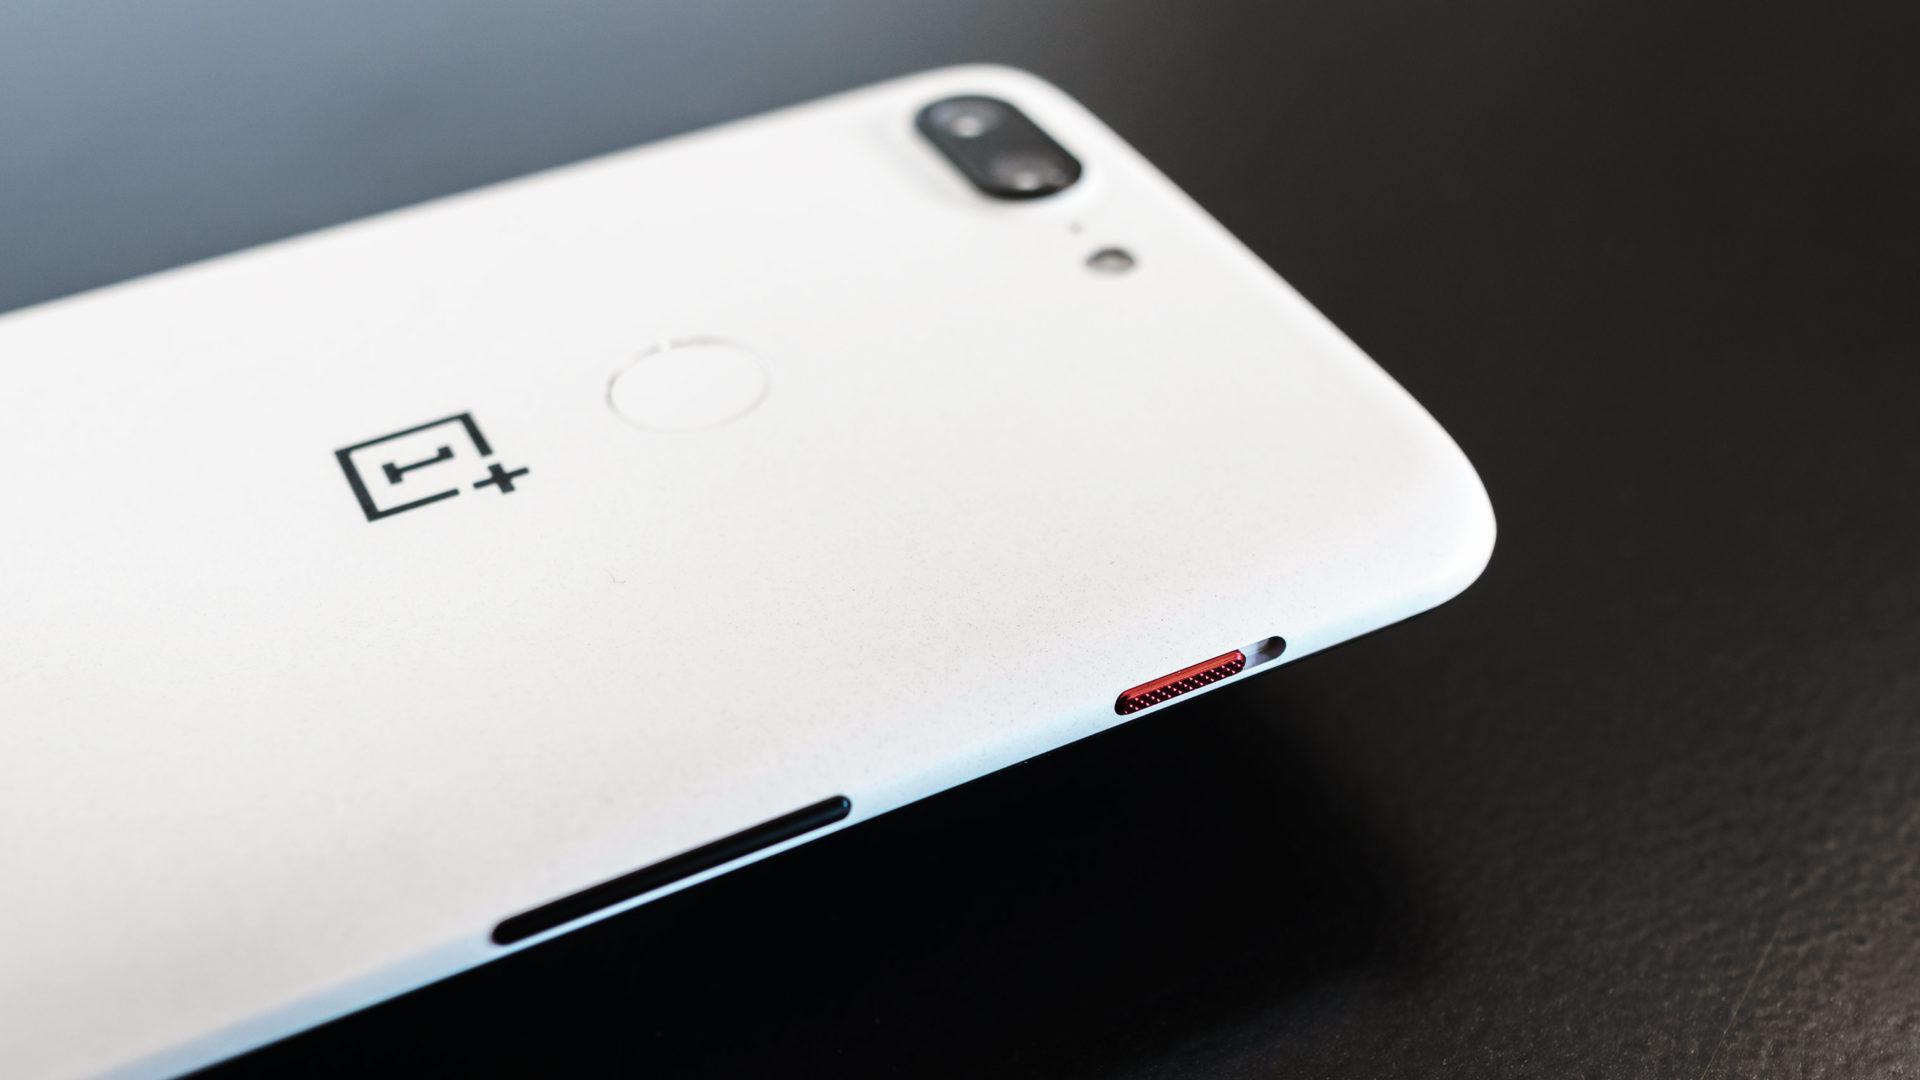 「OnePlus 5/5T」向けに「OxygenOS」アップデートの提供が遅れている理由を公式が明らかに